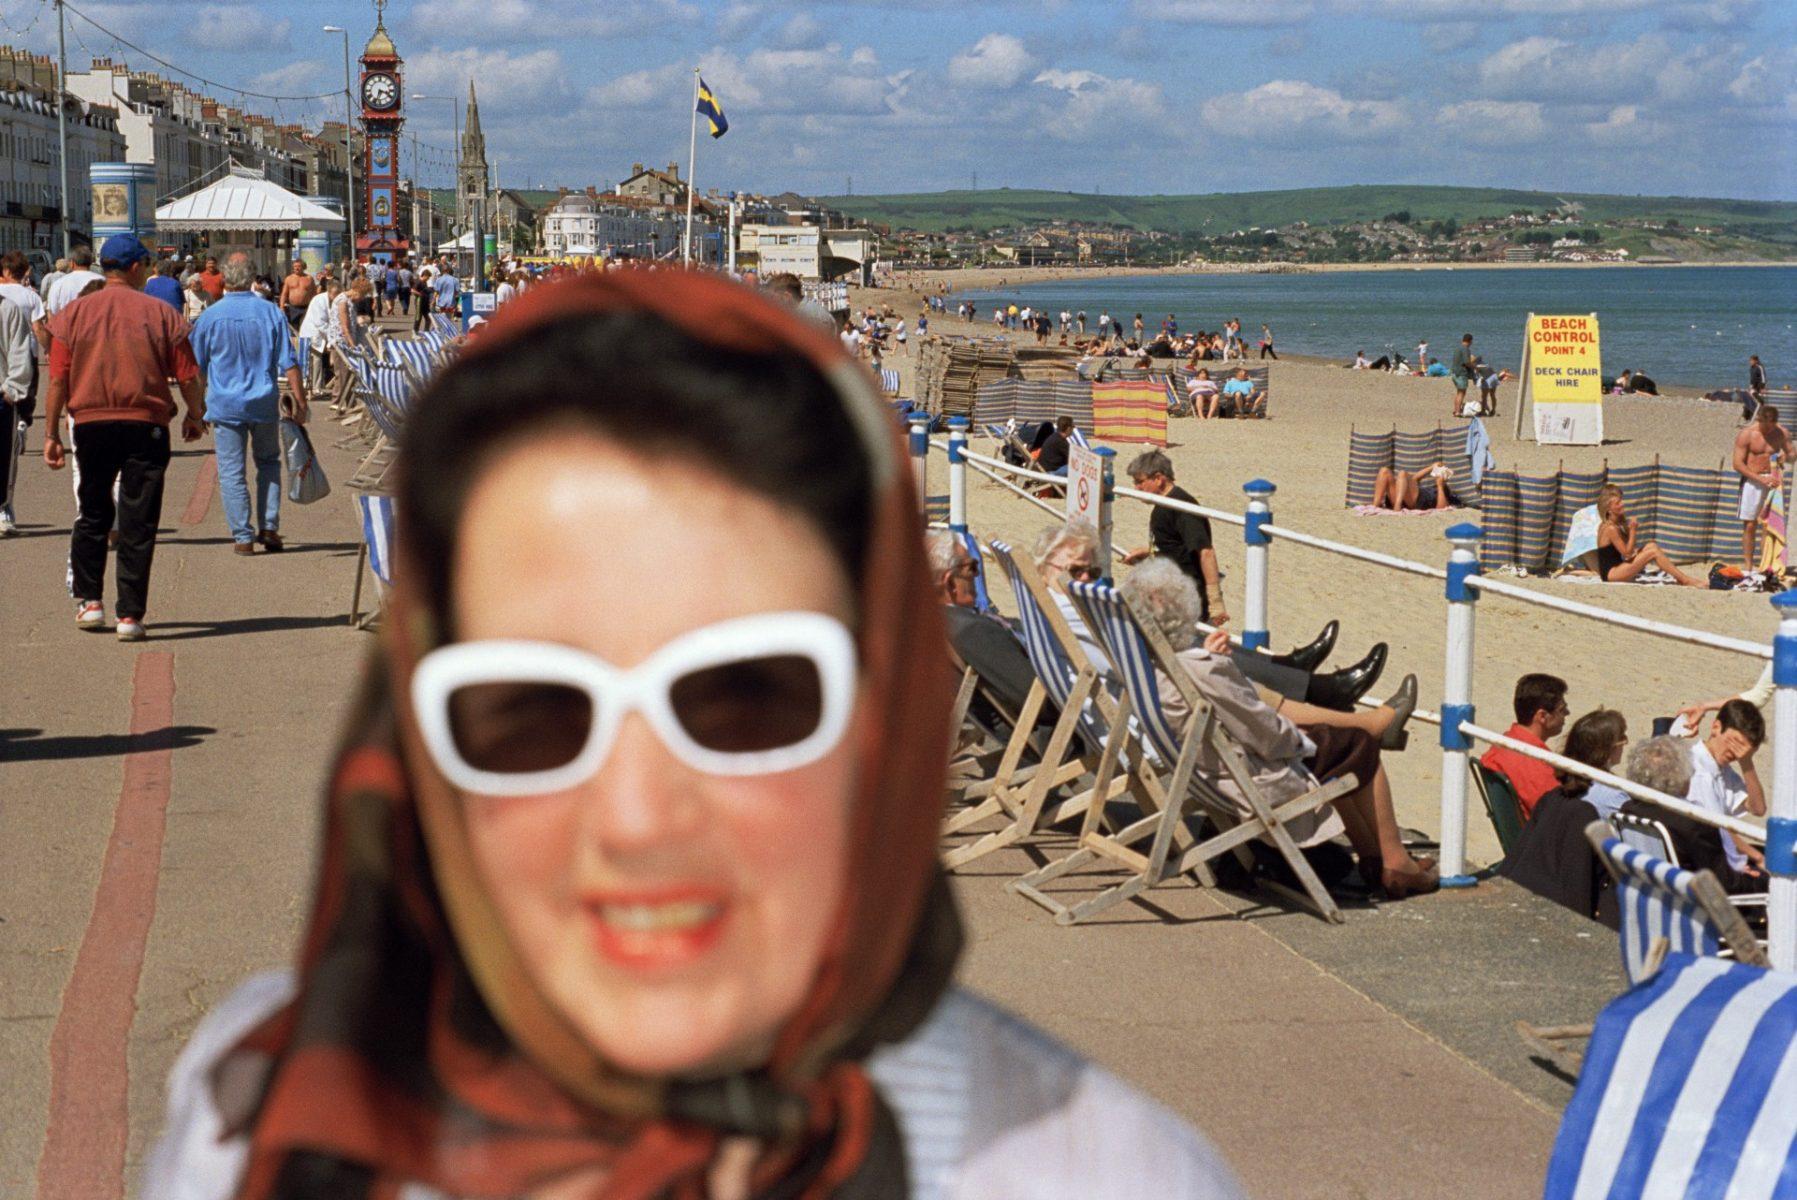 Photo couleur de Martin Parr, femme à lunettes de soleil sur la promenade, avec plage et touristes en arrière-plan. Weymouth Angleterre